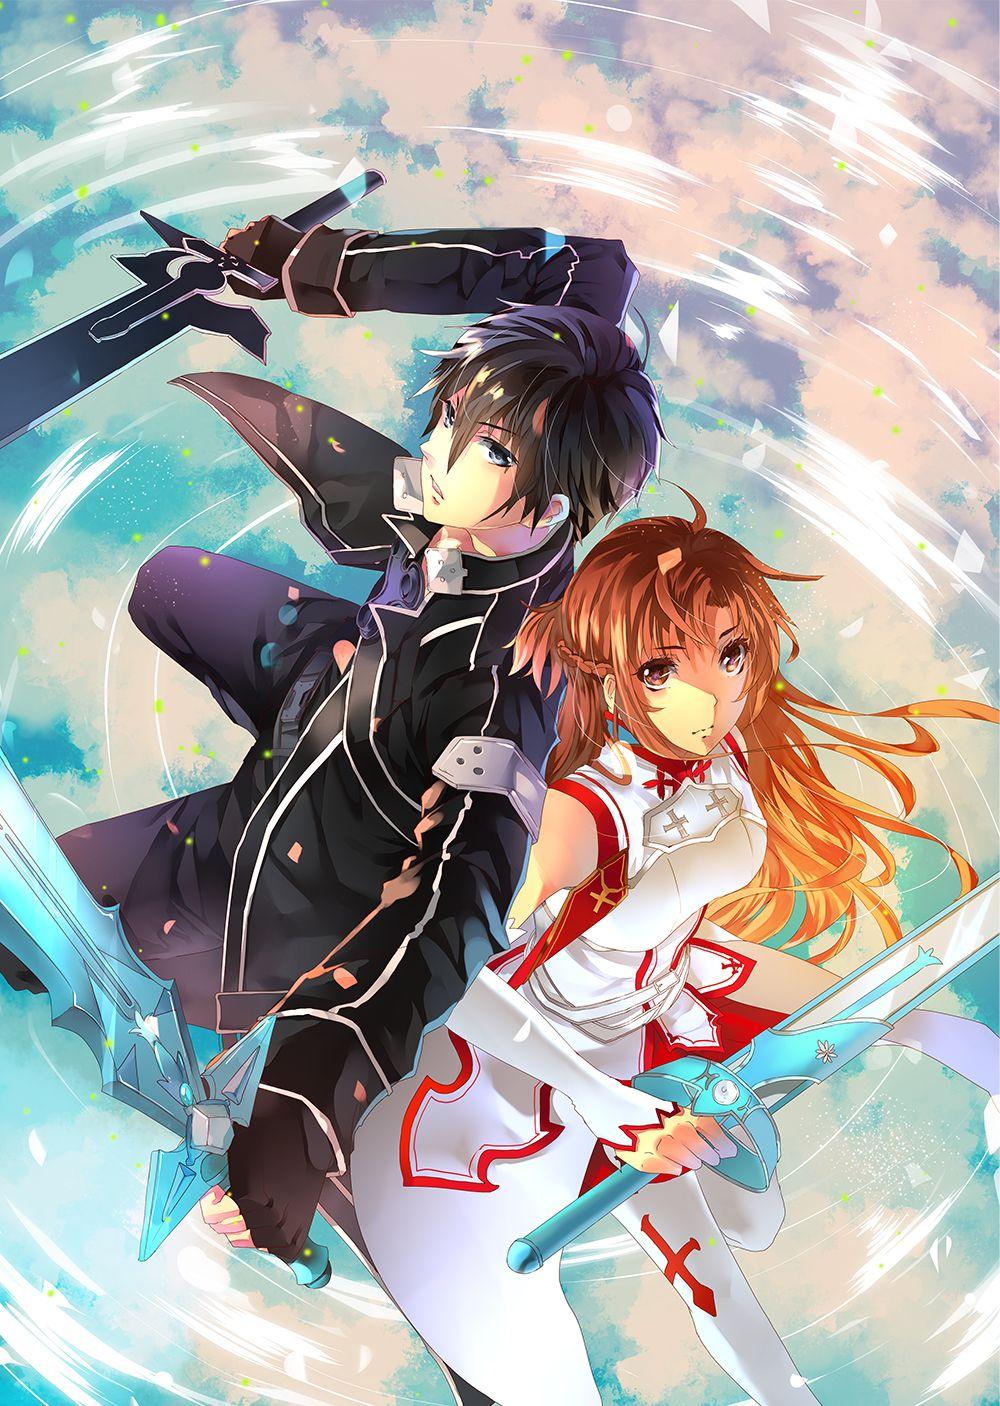 Sword Art Online Fanart By Aiki Ame On Deviantart Sword Art Online Wallpaper Sword Art Online Kirito Sword Art